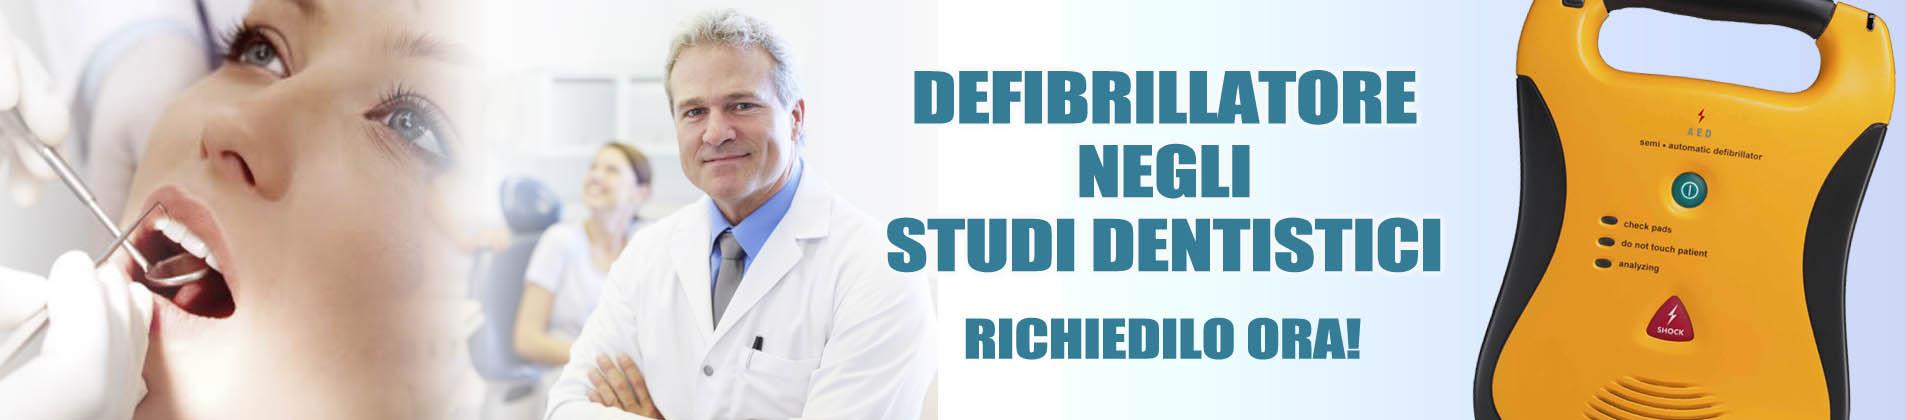 defibrillatore-slider3